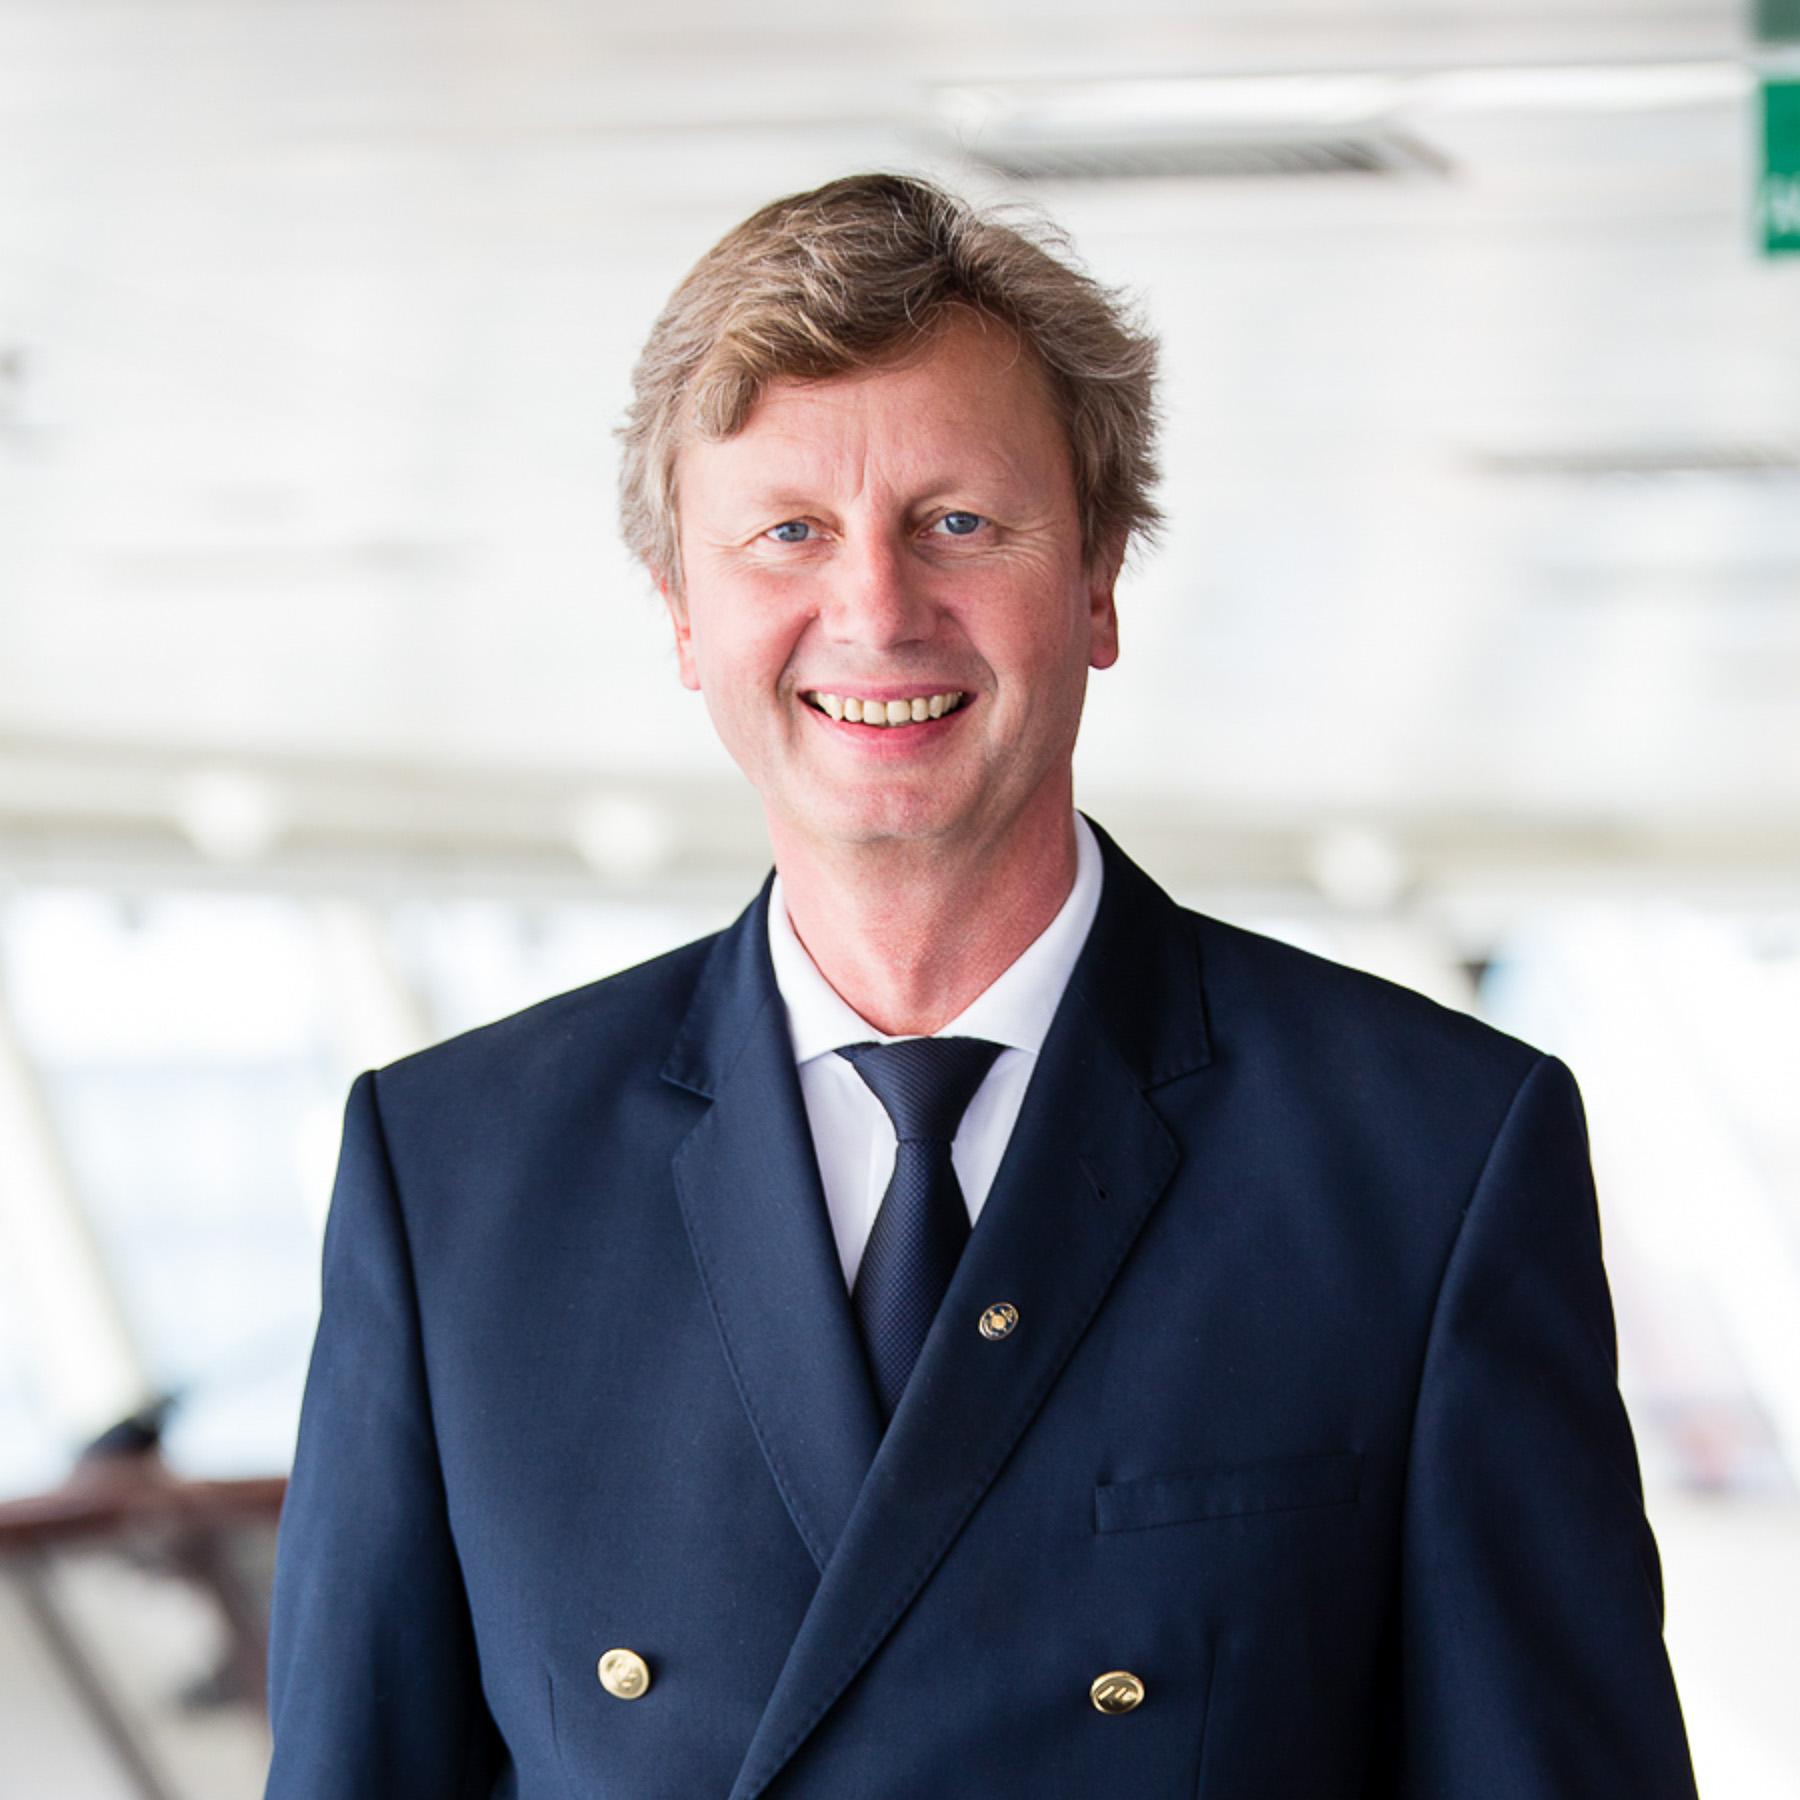 EUROPA2, Kapitän Ulf Wolter auf der Brücke. Foto: Susanne Baade.